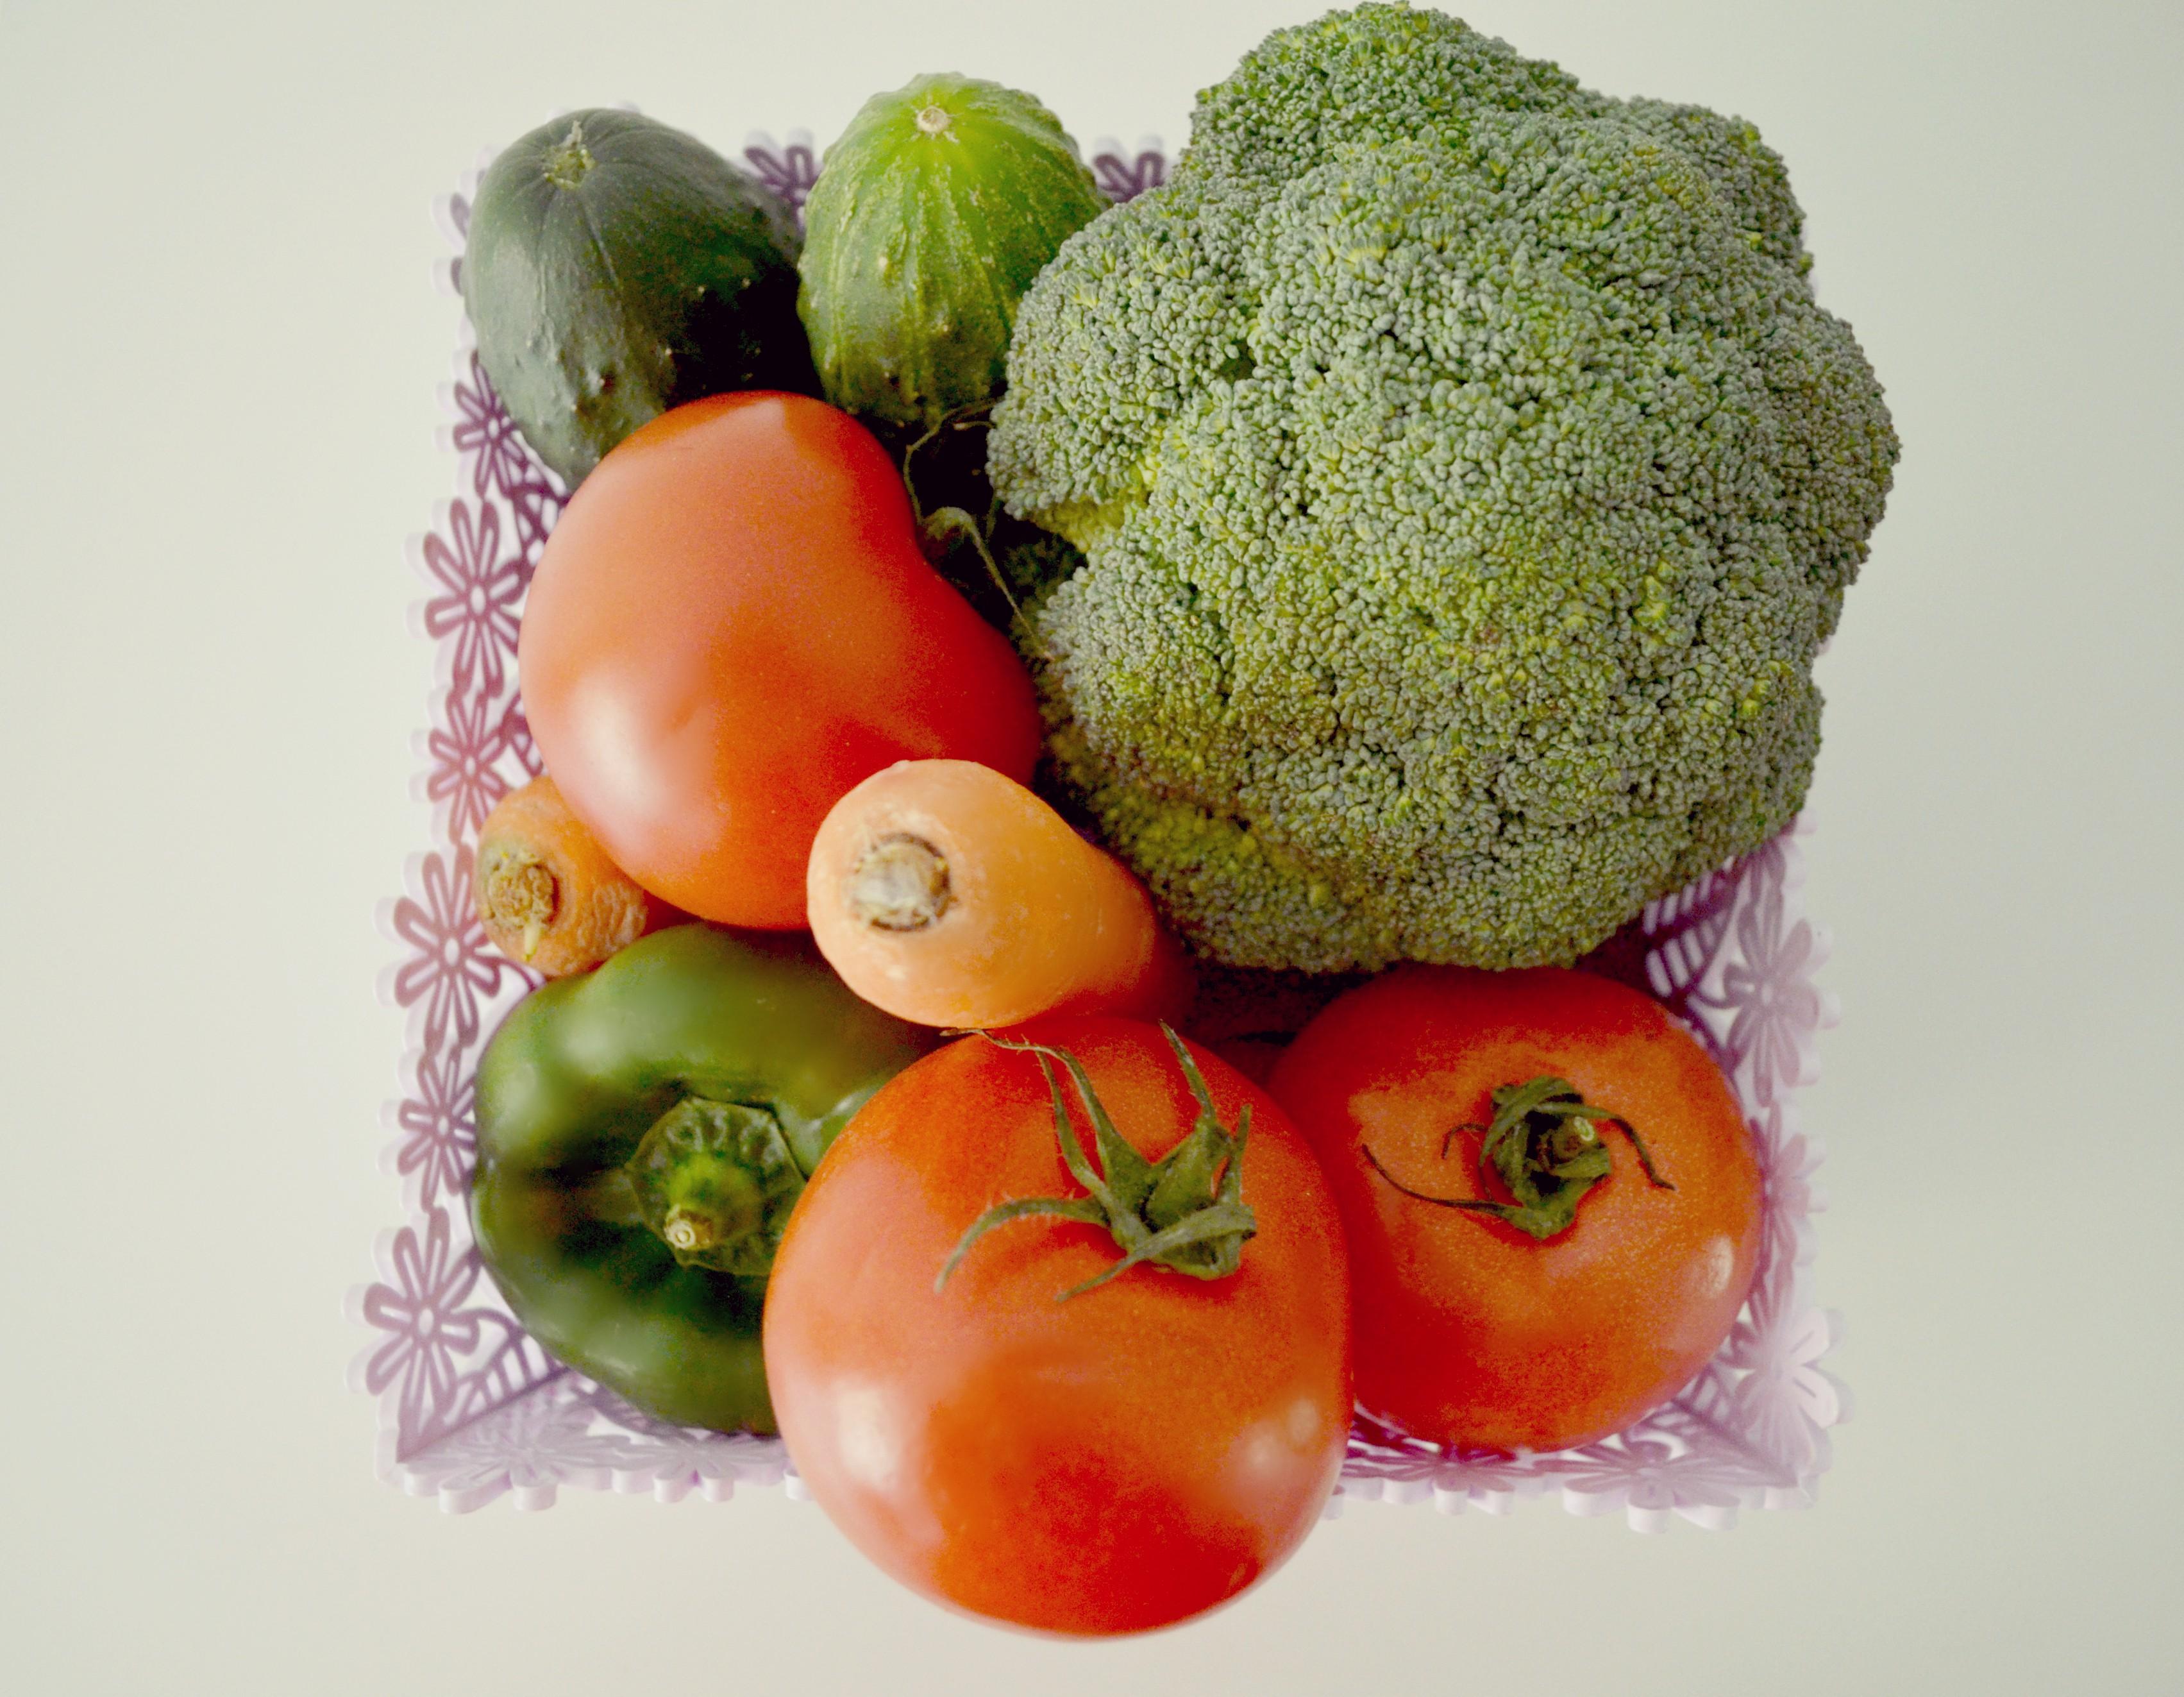 LolaMarket-Blog-de-moda-Youzz-ChicAdicta-Chic-Adicta-hacer-la-compra-online-dieta-fitness-PiensaenChic-Piensa-en-Chic